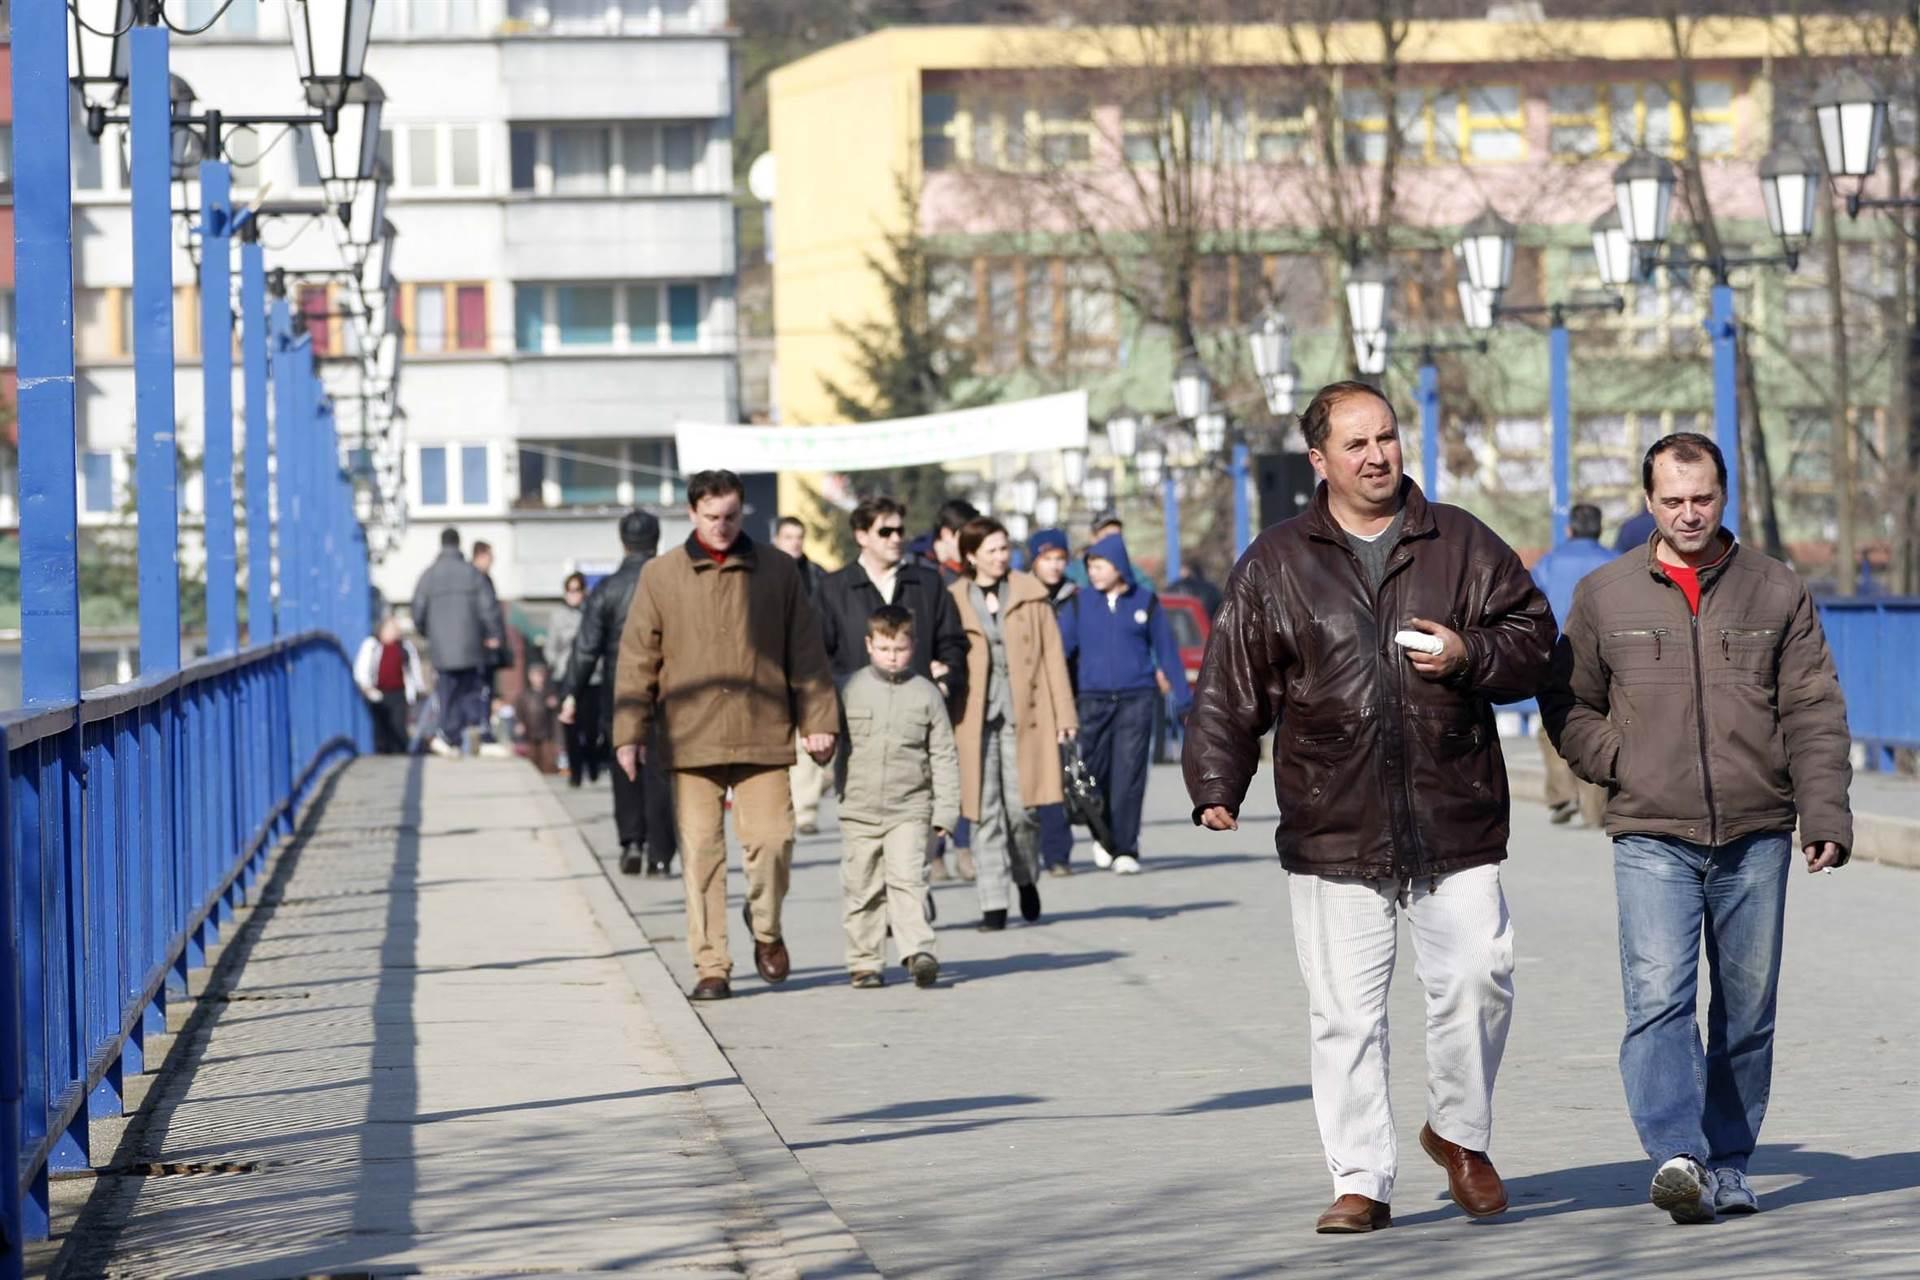 Merkez i ostali: Loši uslovi boravka u policiji